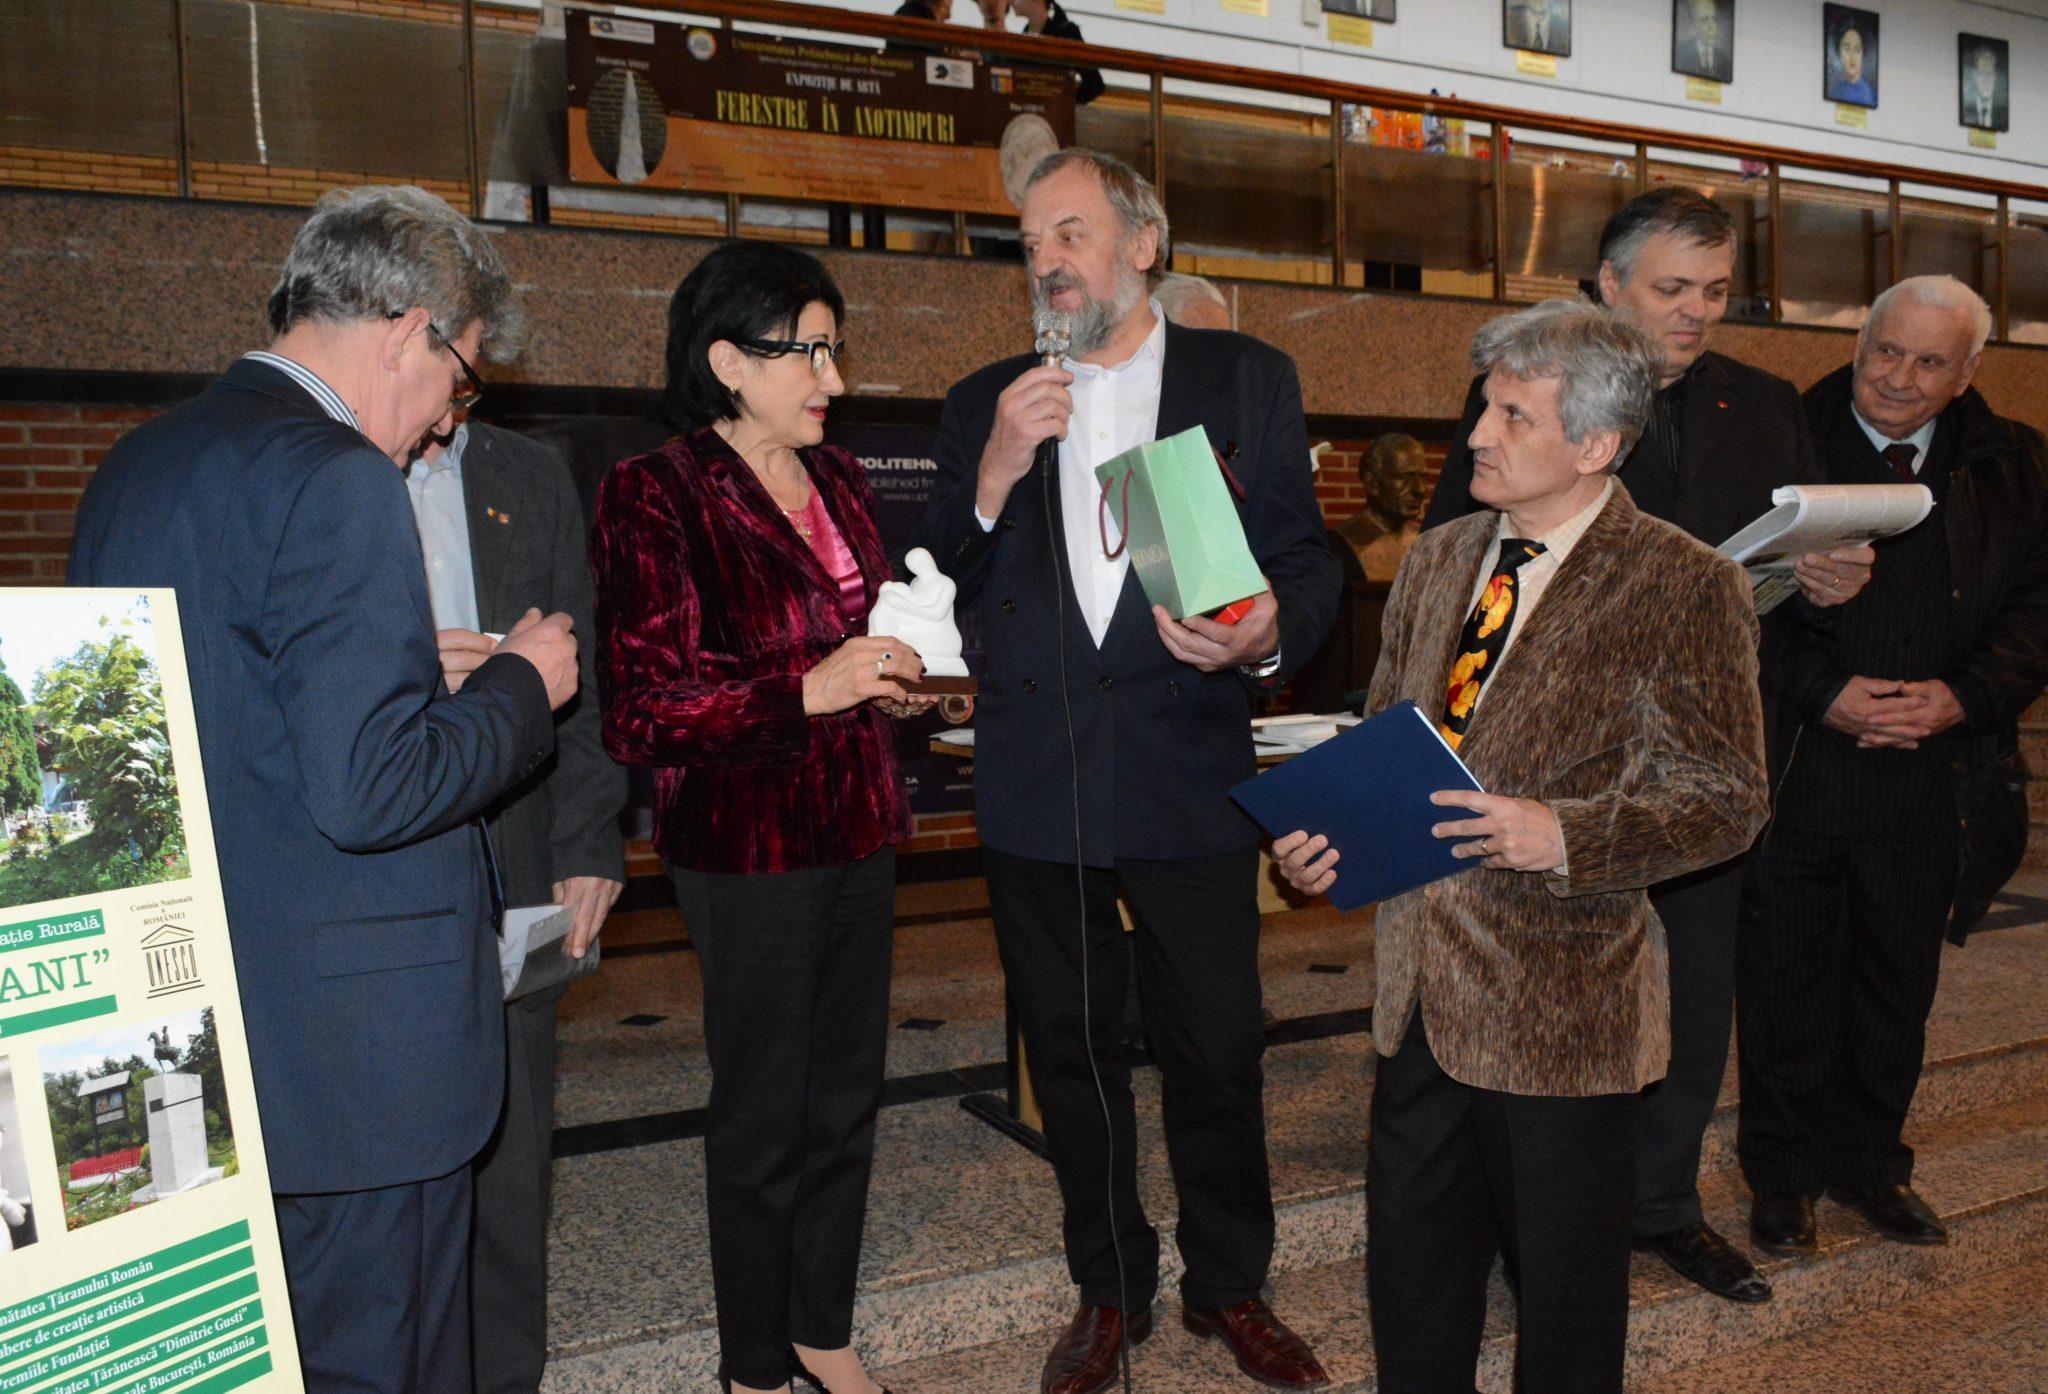 Gabriel Grigorescu, Ecaterina Andronescu, Constantin Sinescu, Mihai Cătrună, Sorin Mihăilescu, Constantin Cocenescu